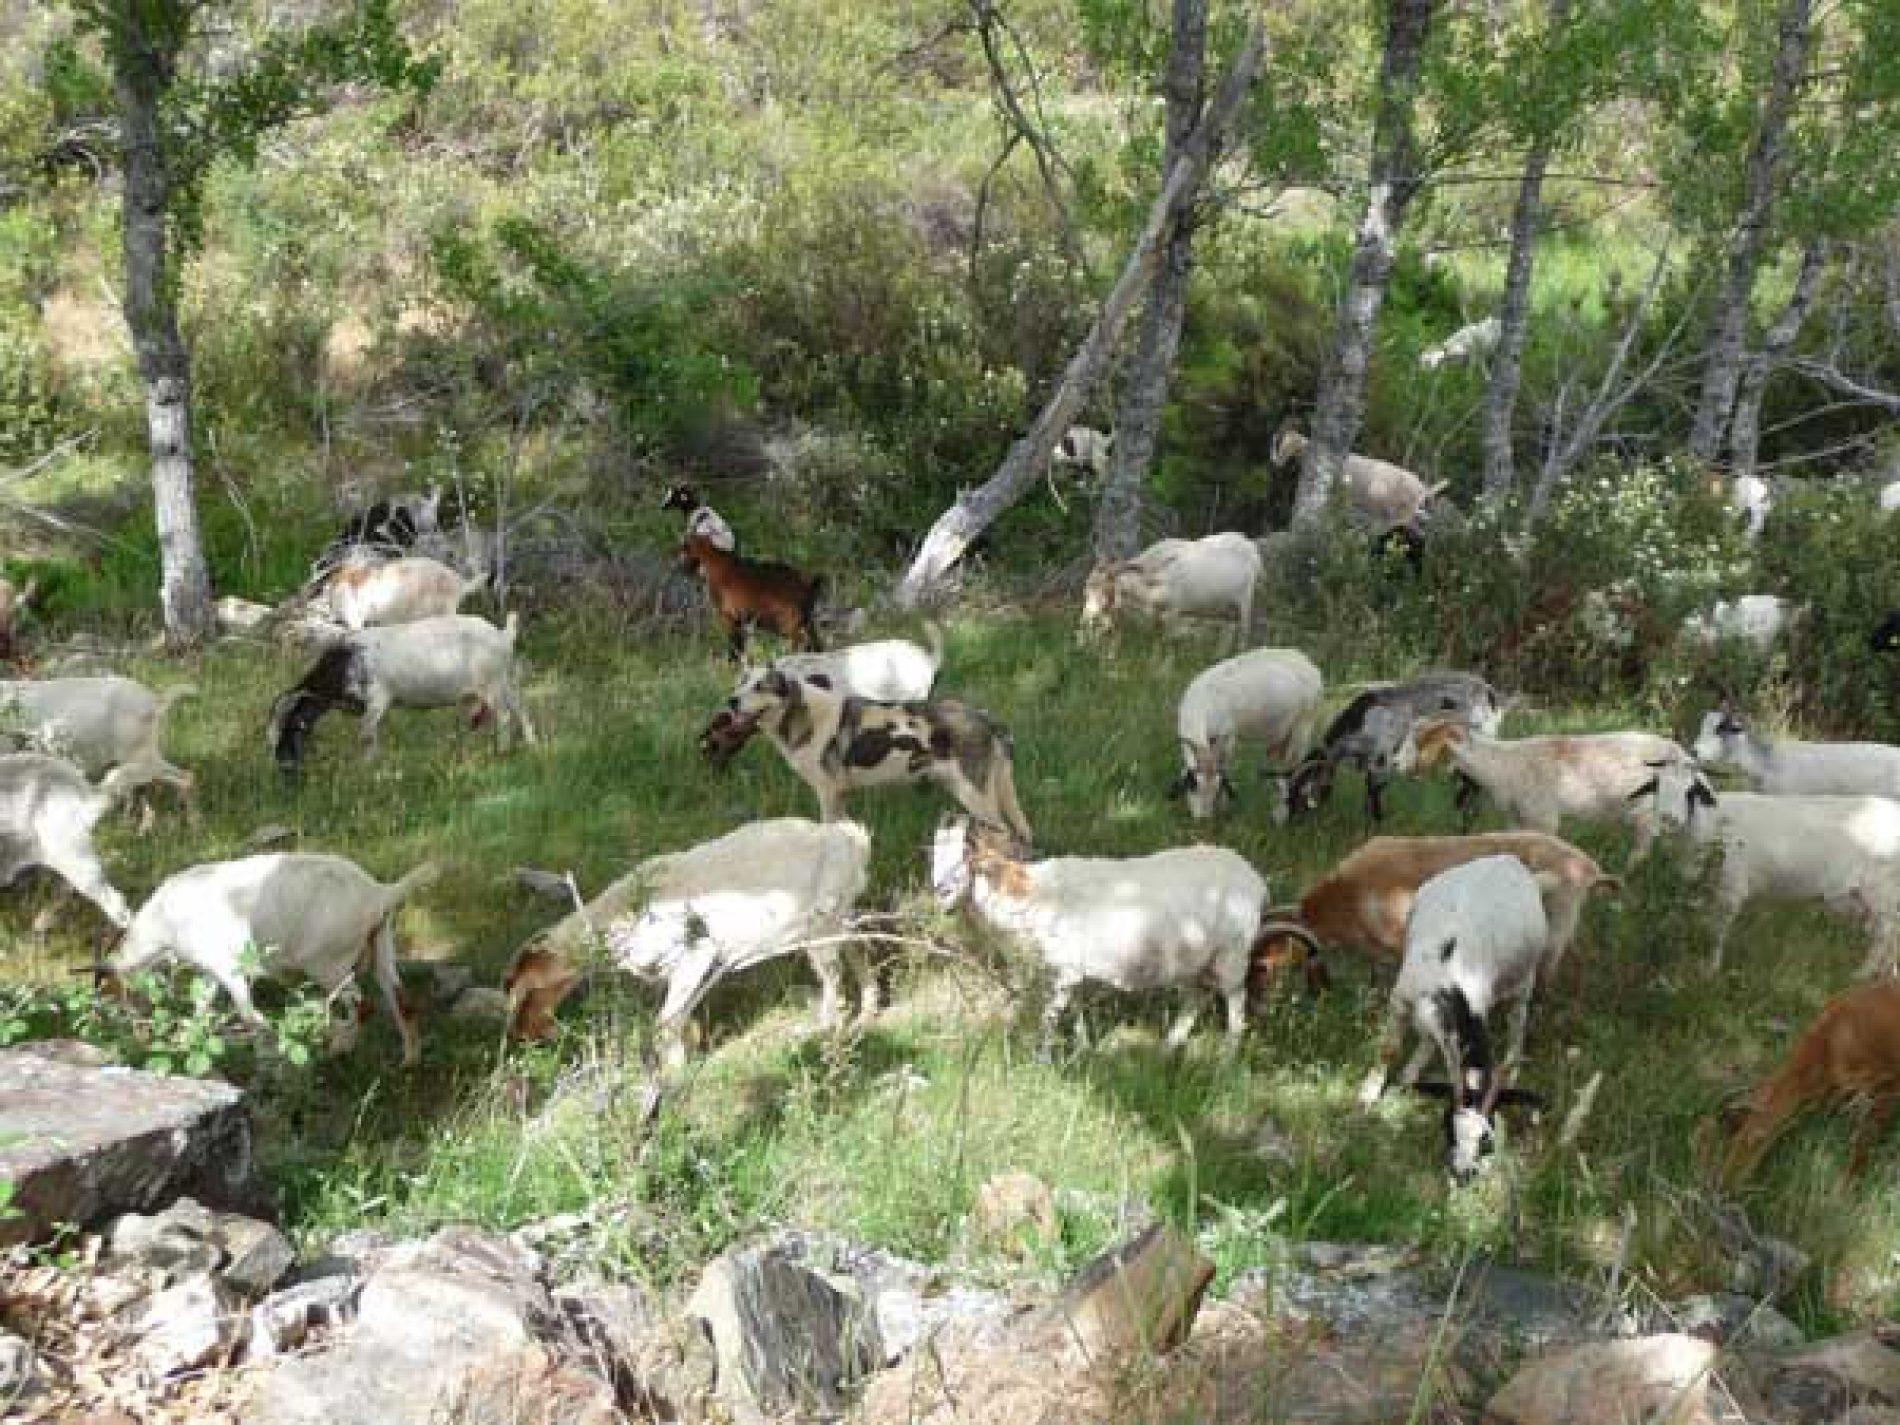 La Junta de Castilla-La Mancha condenada a pagar a un ganadero por ataque de lobos